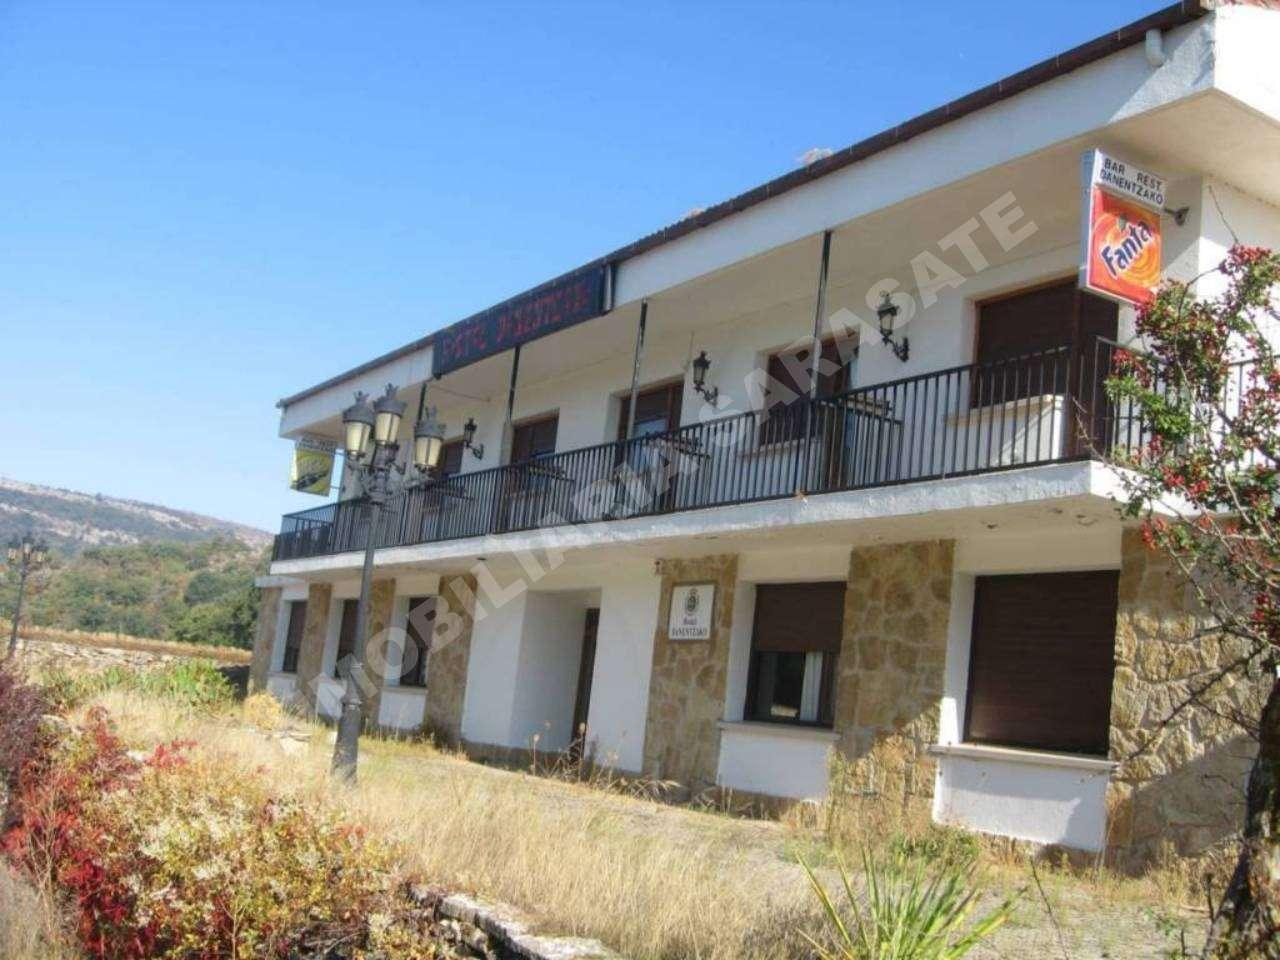 VENTA DE HOTEL EN CRTRA. ESTELLA-SAN SEBASTIAN, LEZAUN | REF. (001278)